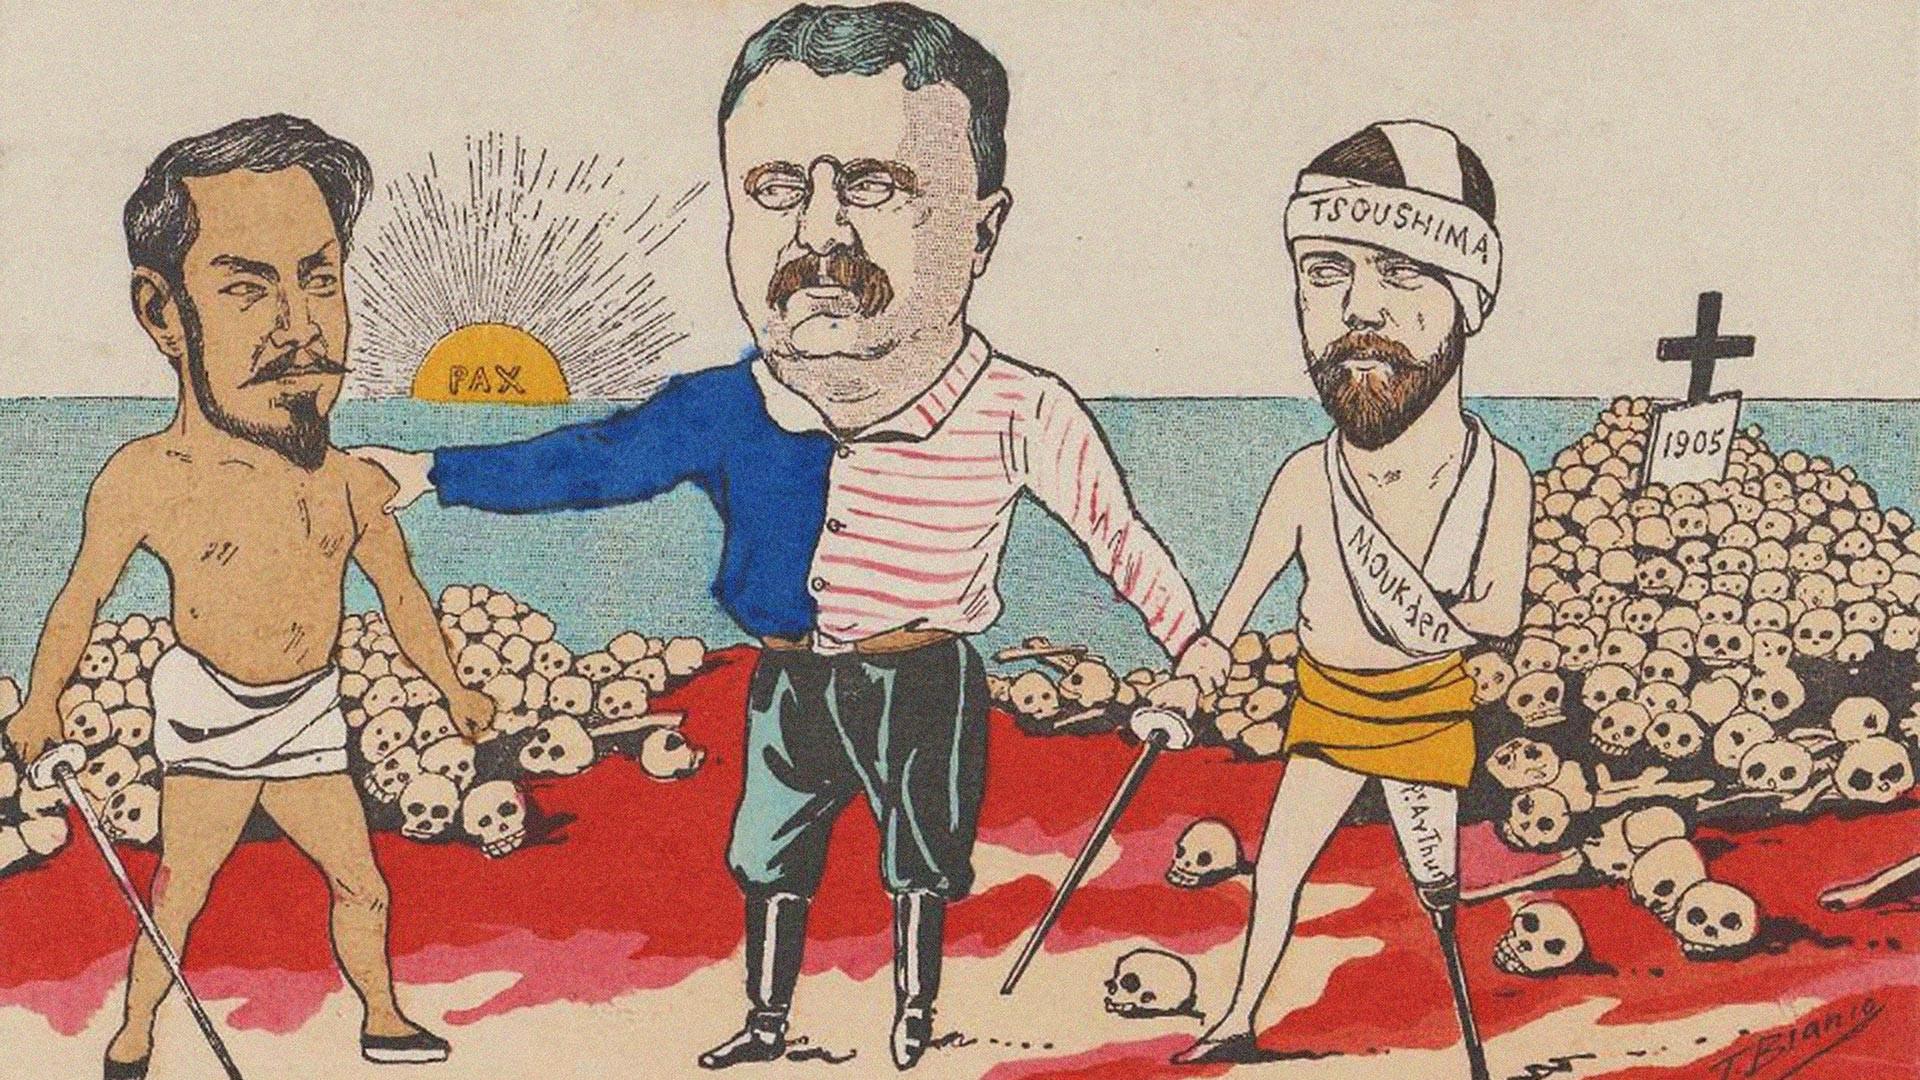 ポーツマス条約の風刺画